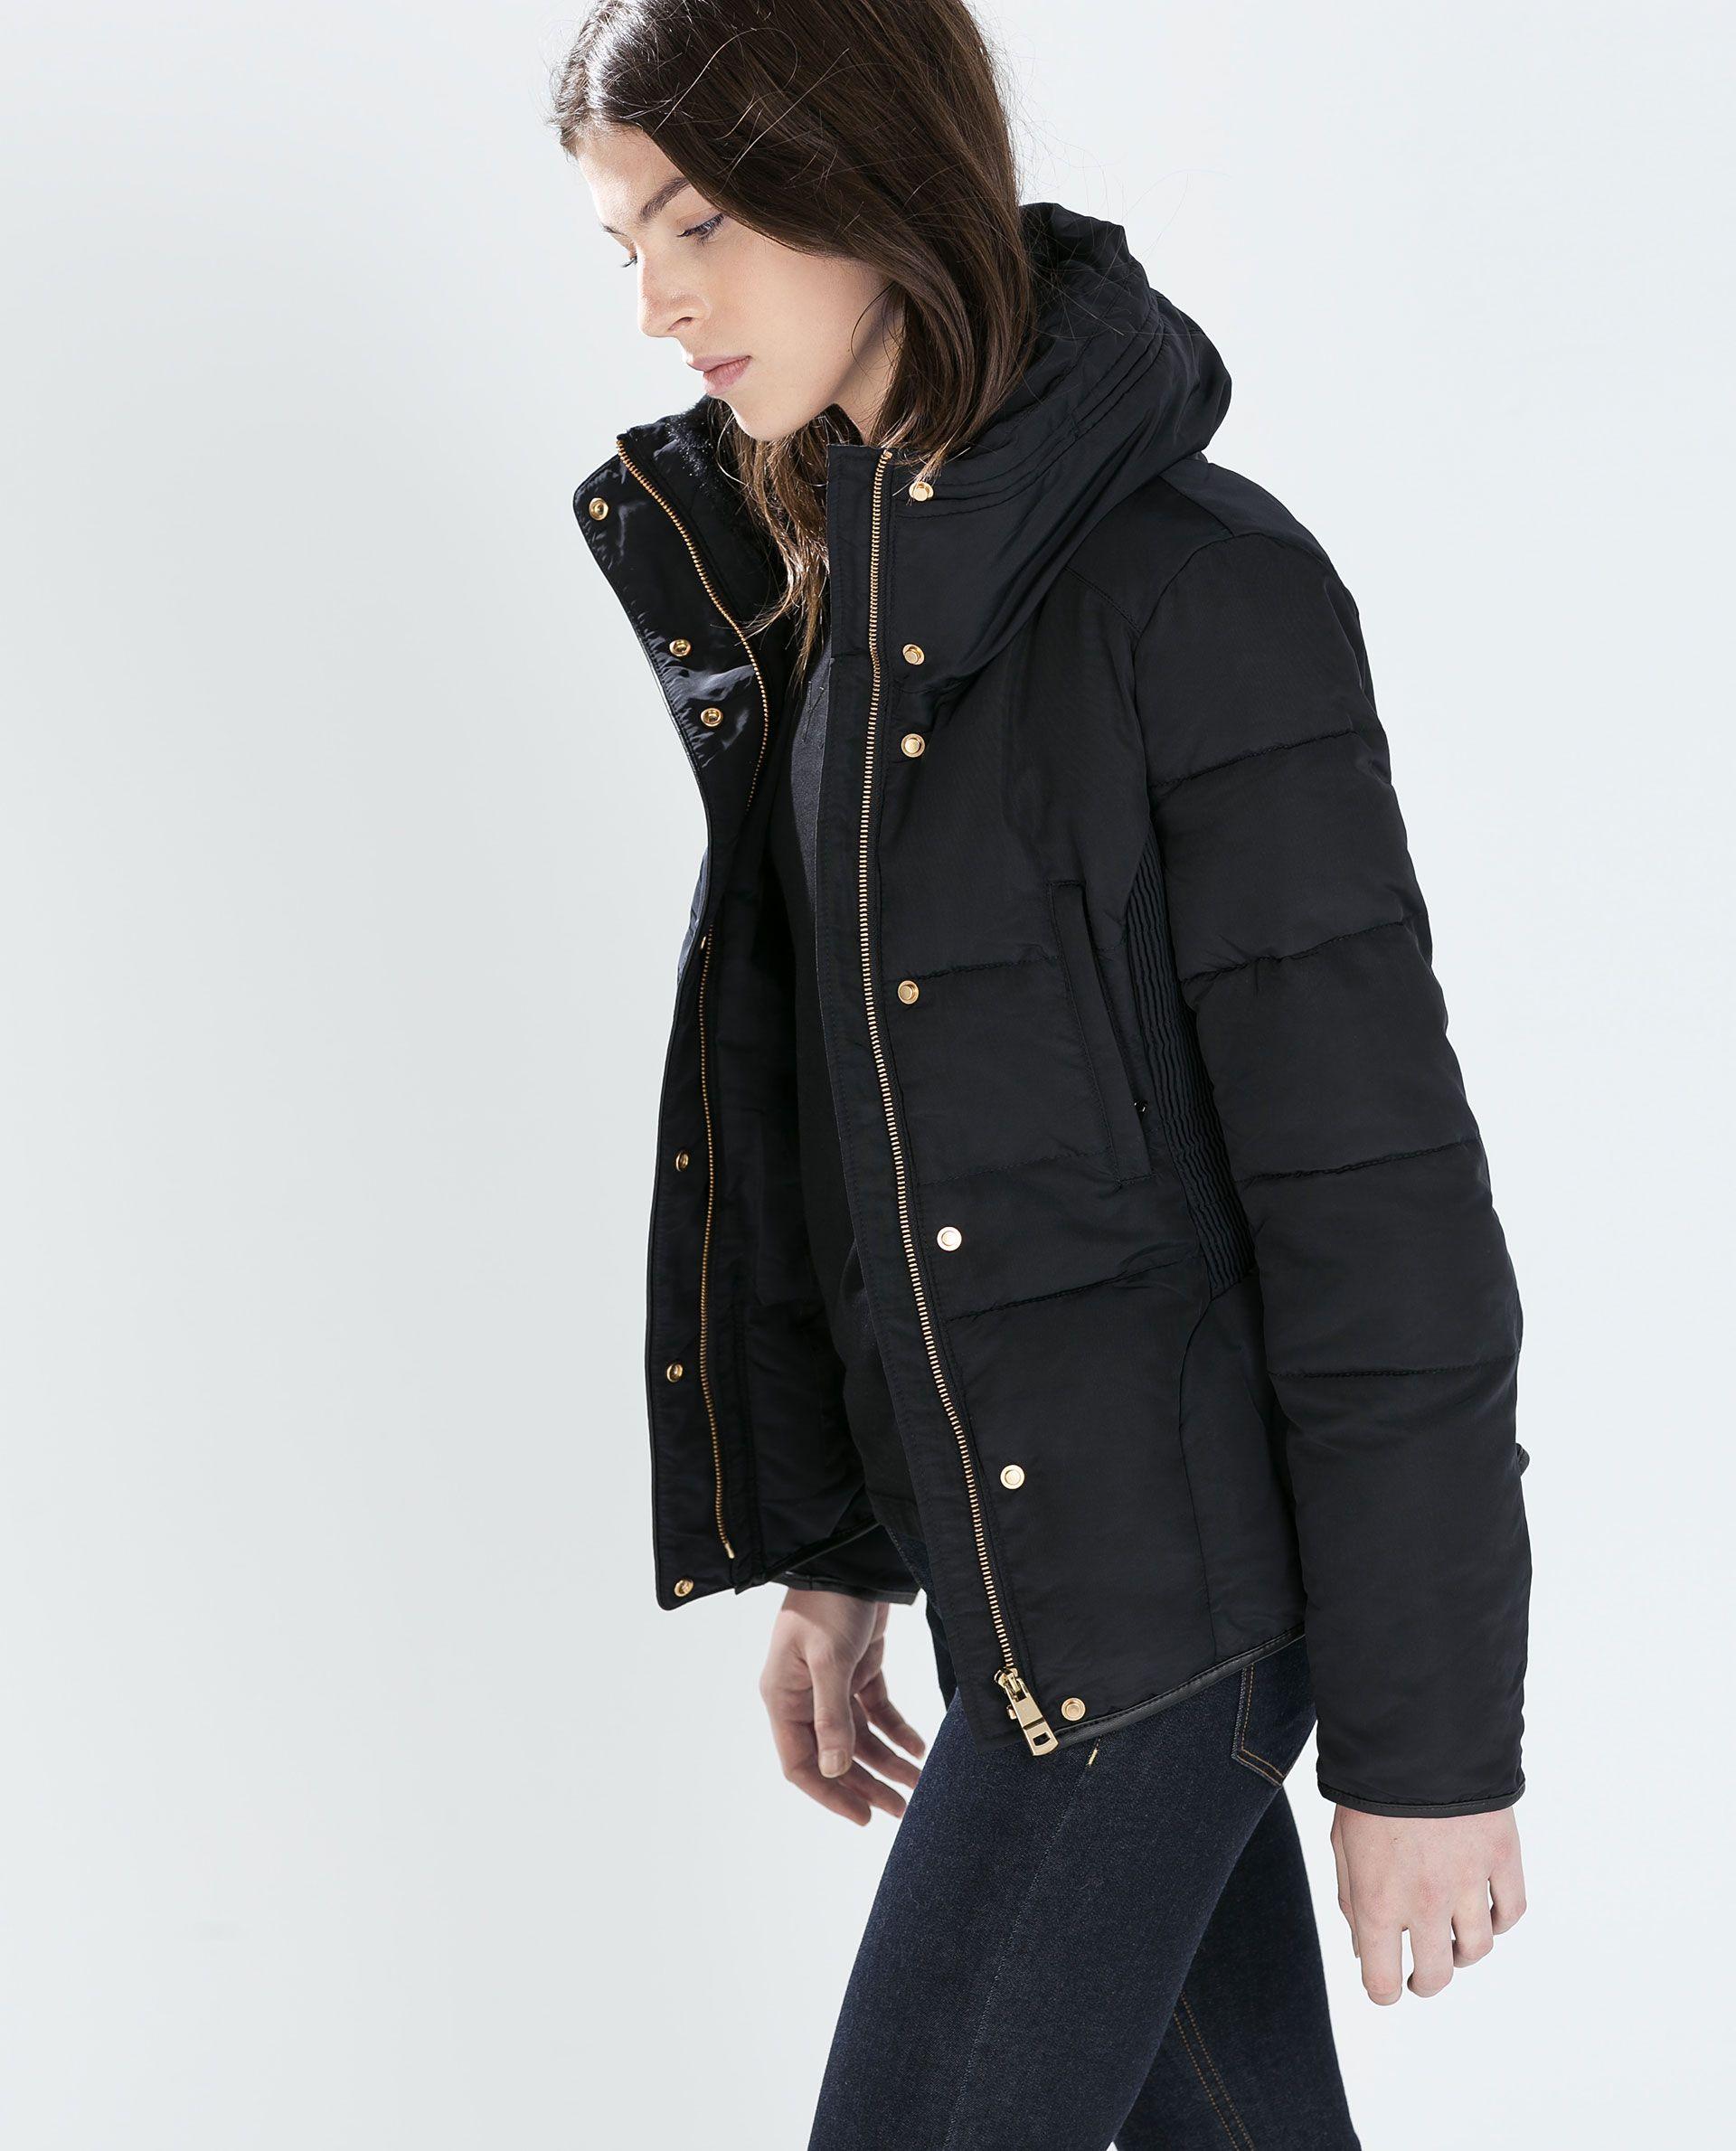 0a2f4c0b7 ANORAK COURT CINTRÉ À LA TAILLE de Zara 2014 | Mode - Manteaux ...